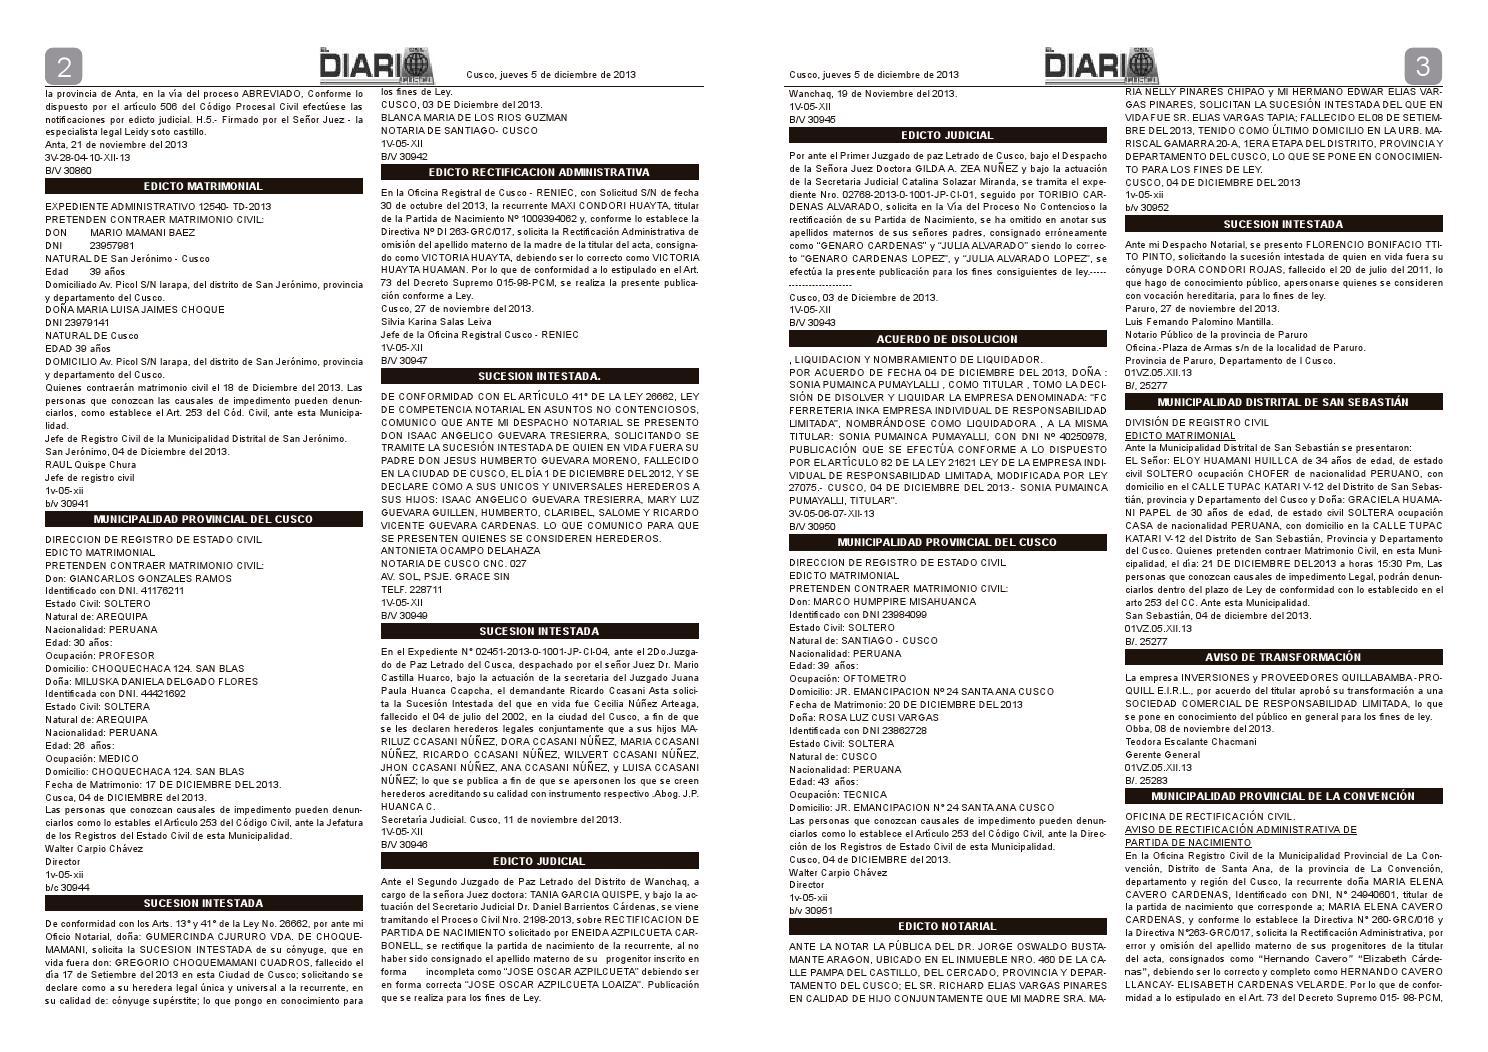 Avisos Judiciales 5 12 13 by El Diario del Cusco - issuu